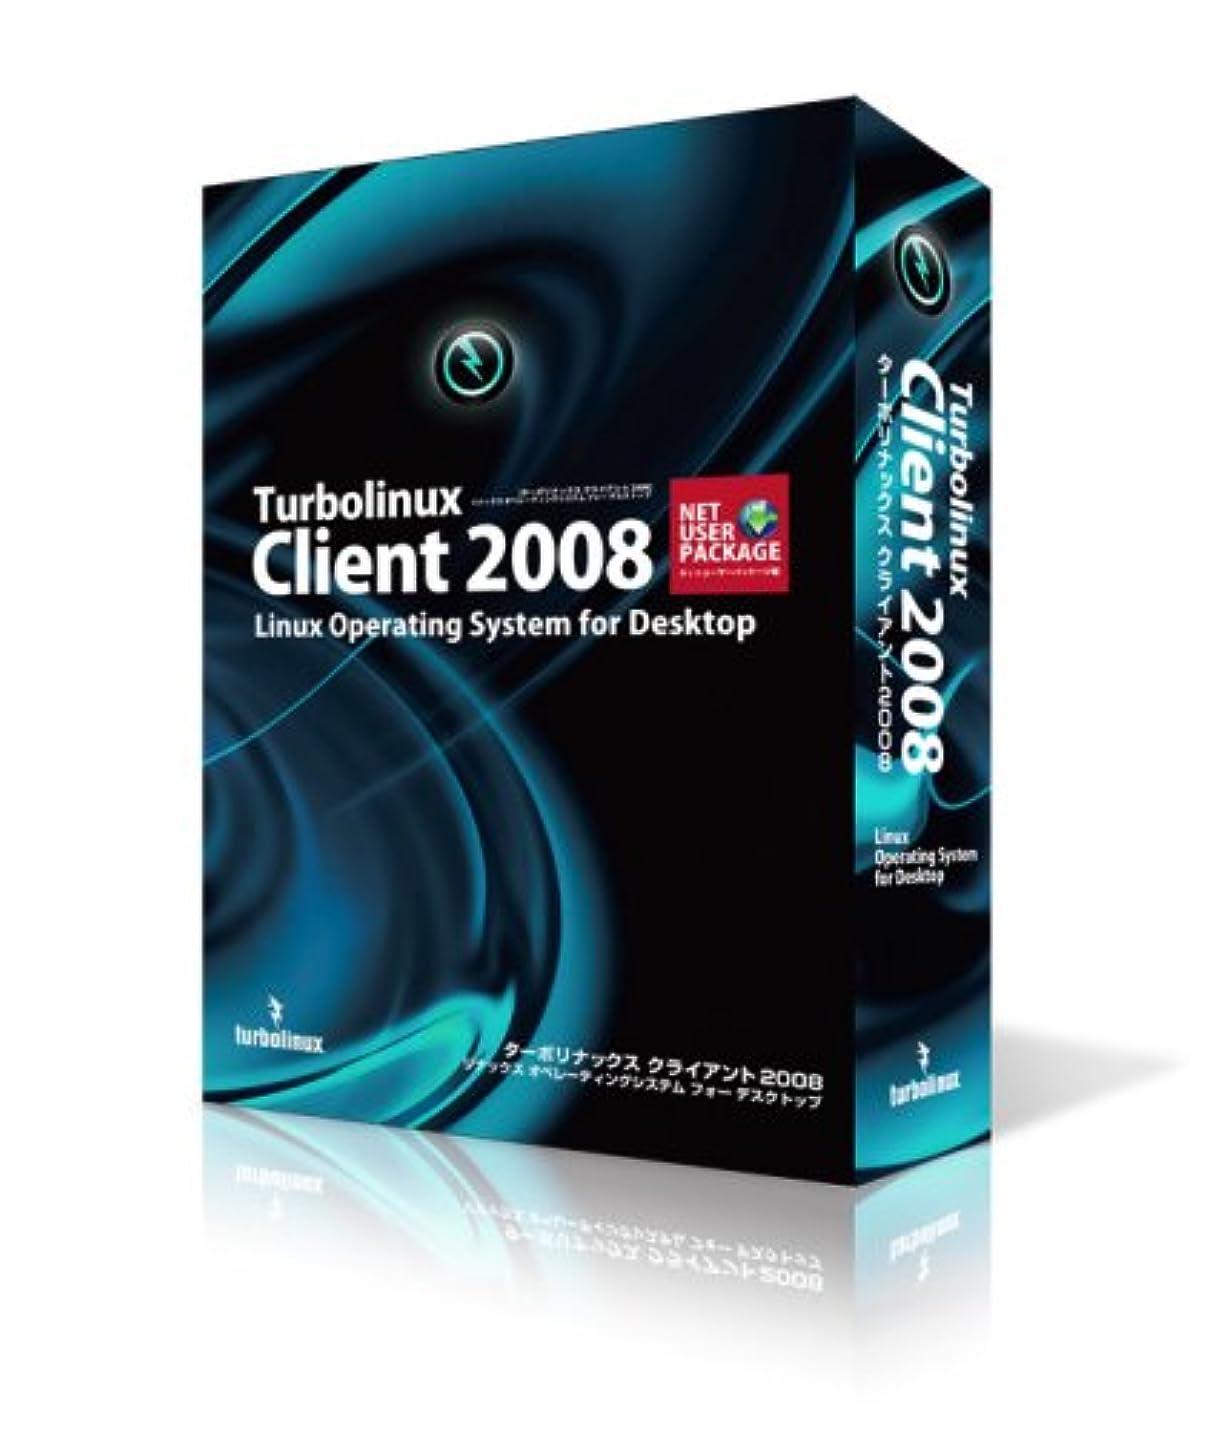 ルーム超えて望ましいTurbolinux Client 2008 Net User Package